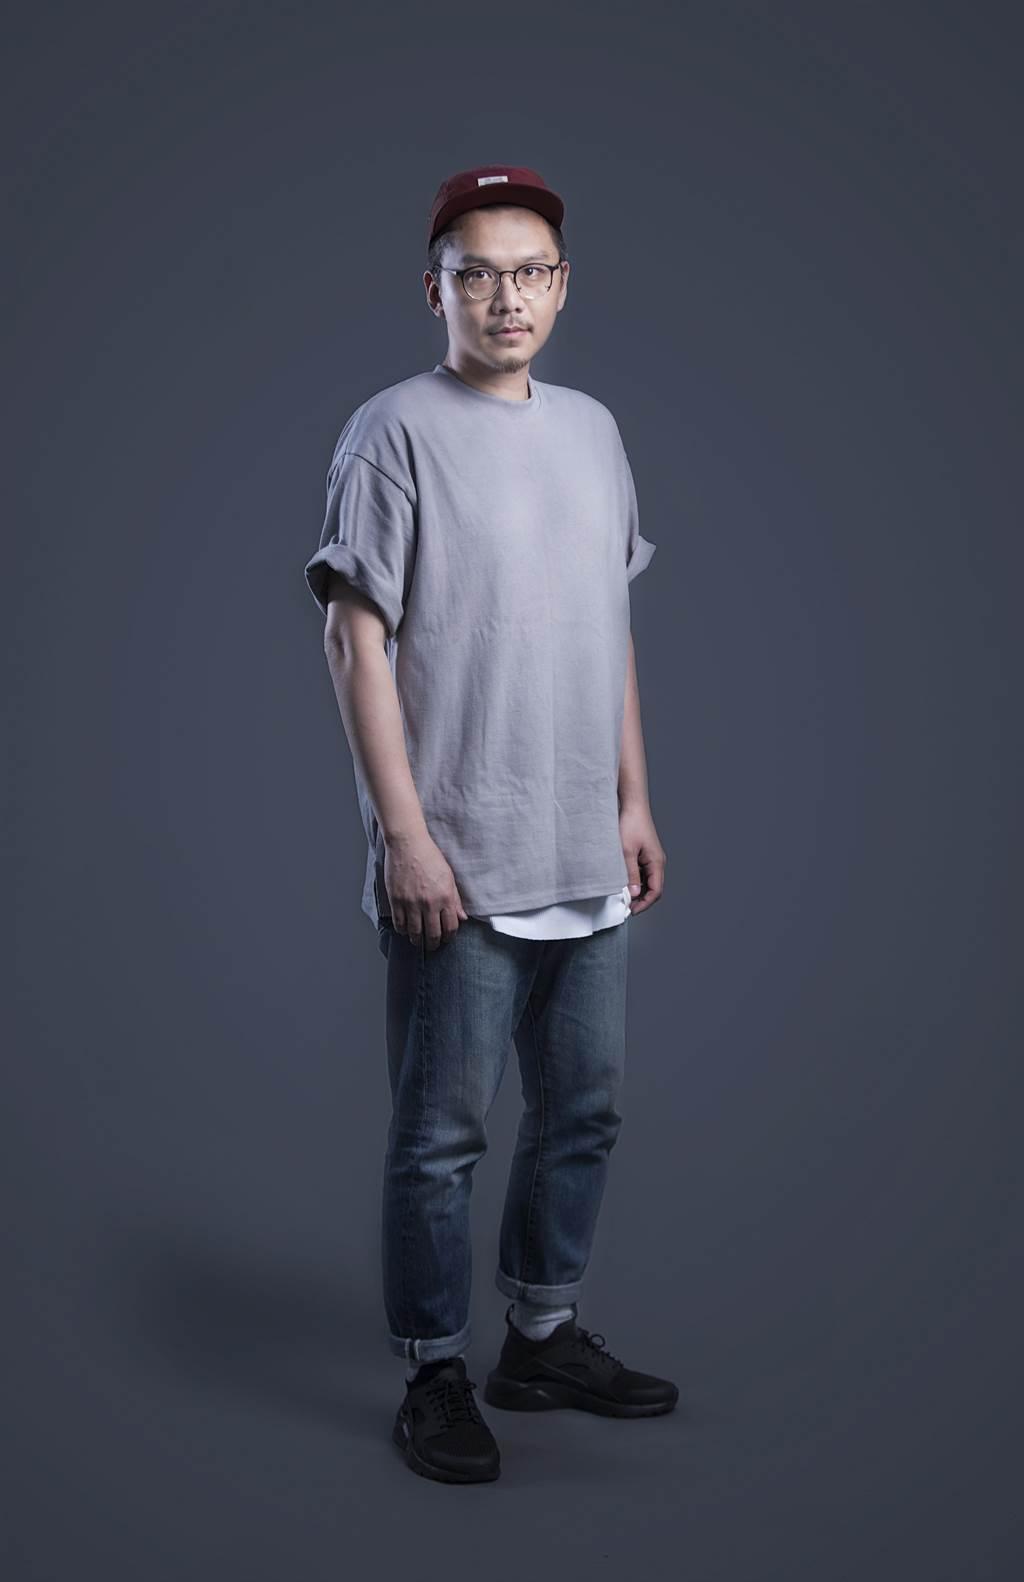 華梵大學美術系校友王宗欣執導《家常音樂》MV贏得最佳MV獎殊榮,令華梵師生同感榮耀。(華梵大學提供)